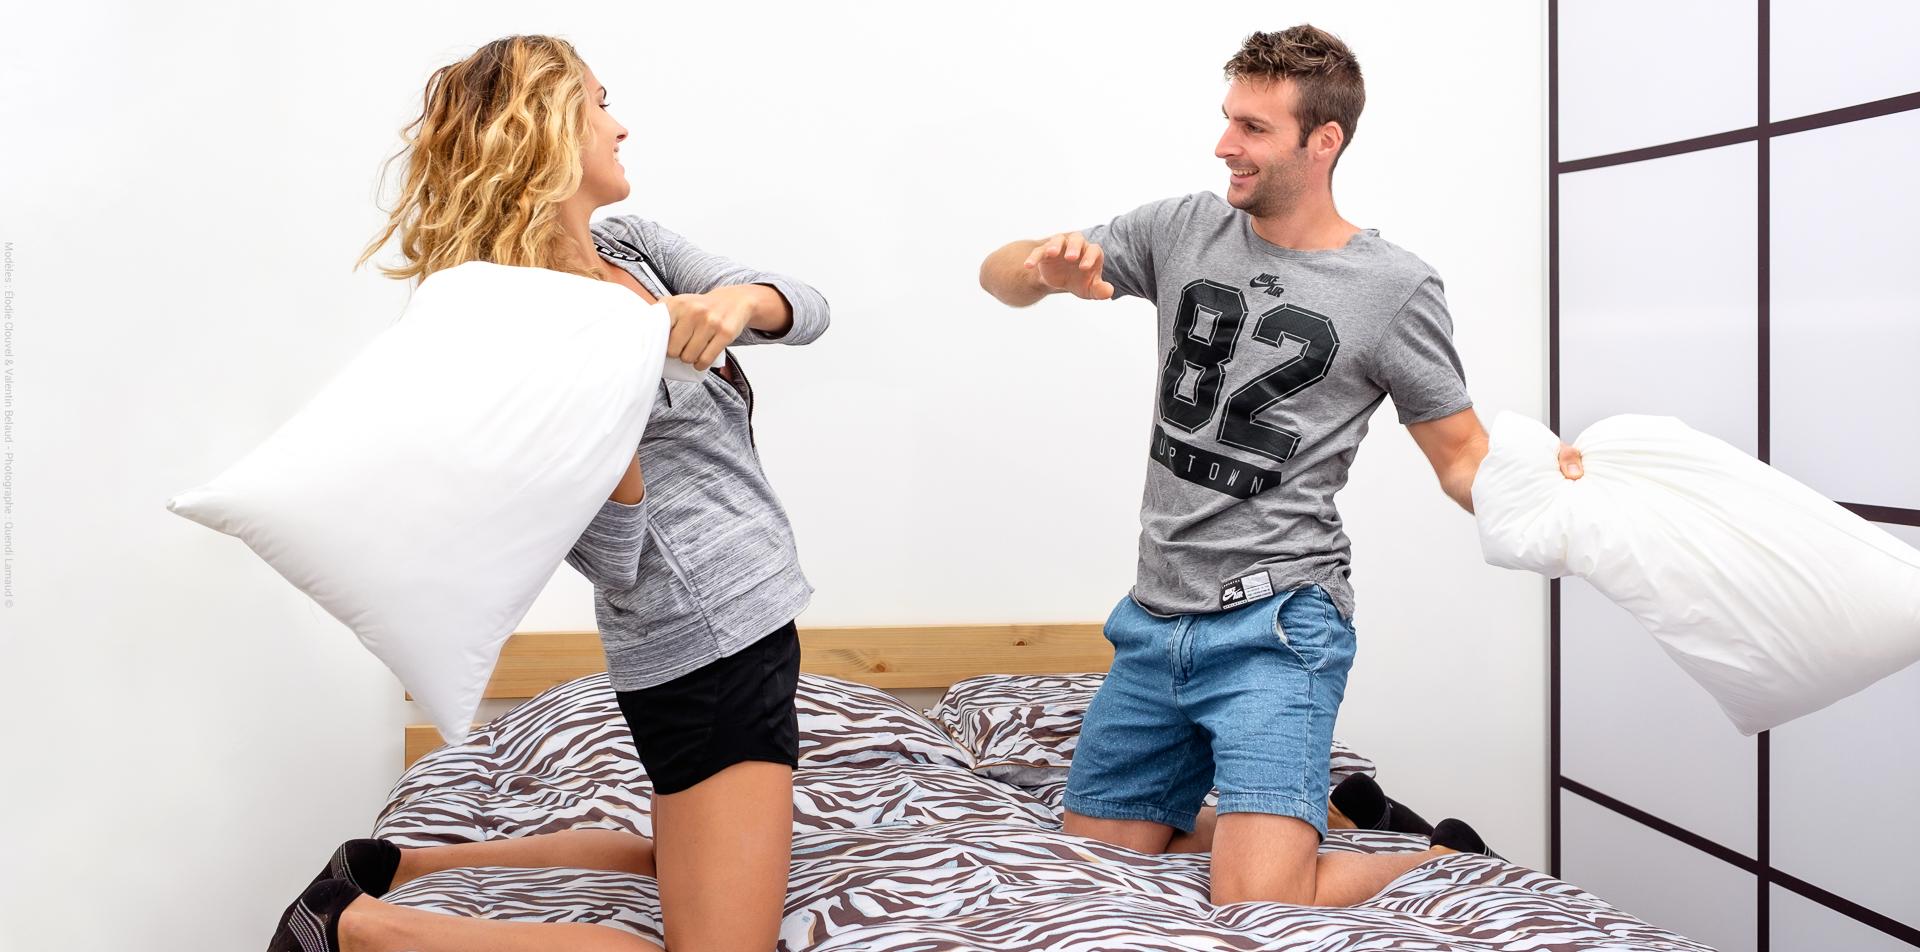 Vaudou Sport Evolution, le seul matelas au monde capable de mettre tous les couples d'accord.